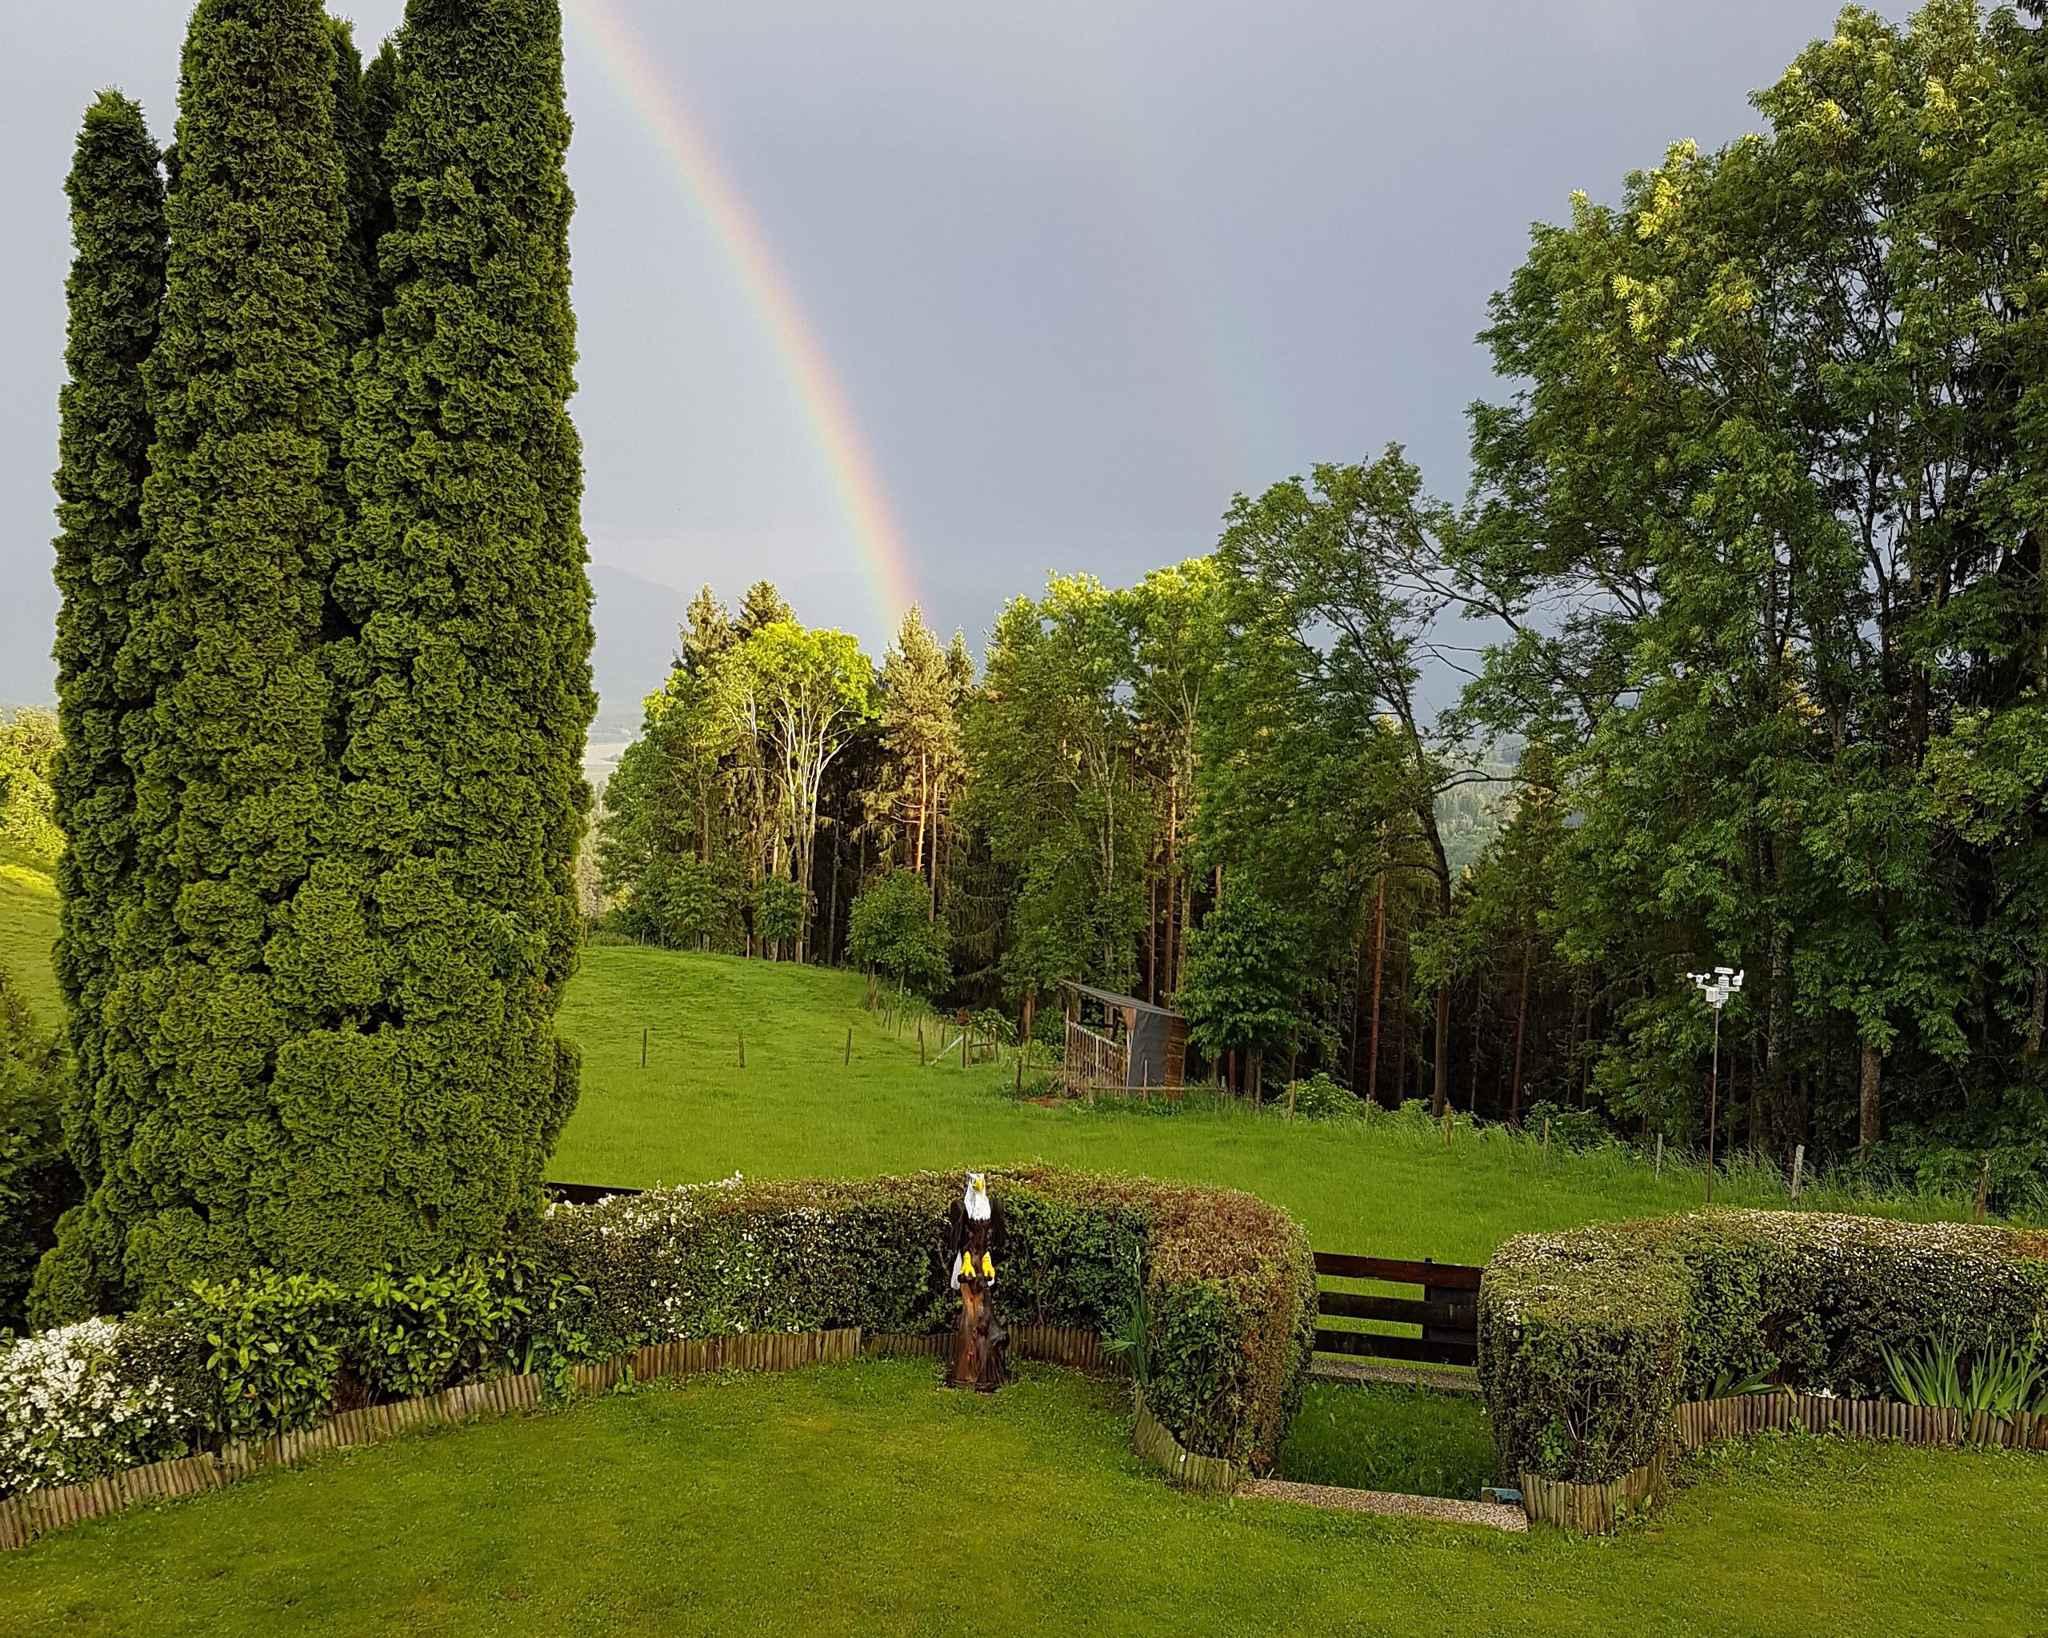 Ferienwohnung mit großem Garten, Grillmöglichkeit und Außenpool (281300), Mölbling, , Kärnten, Österreich, Bild 2